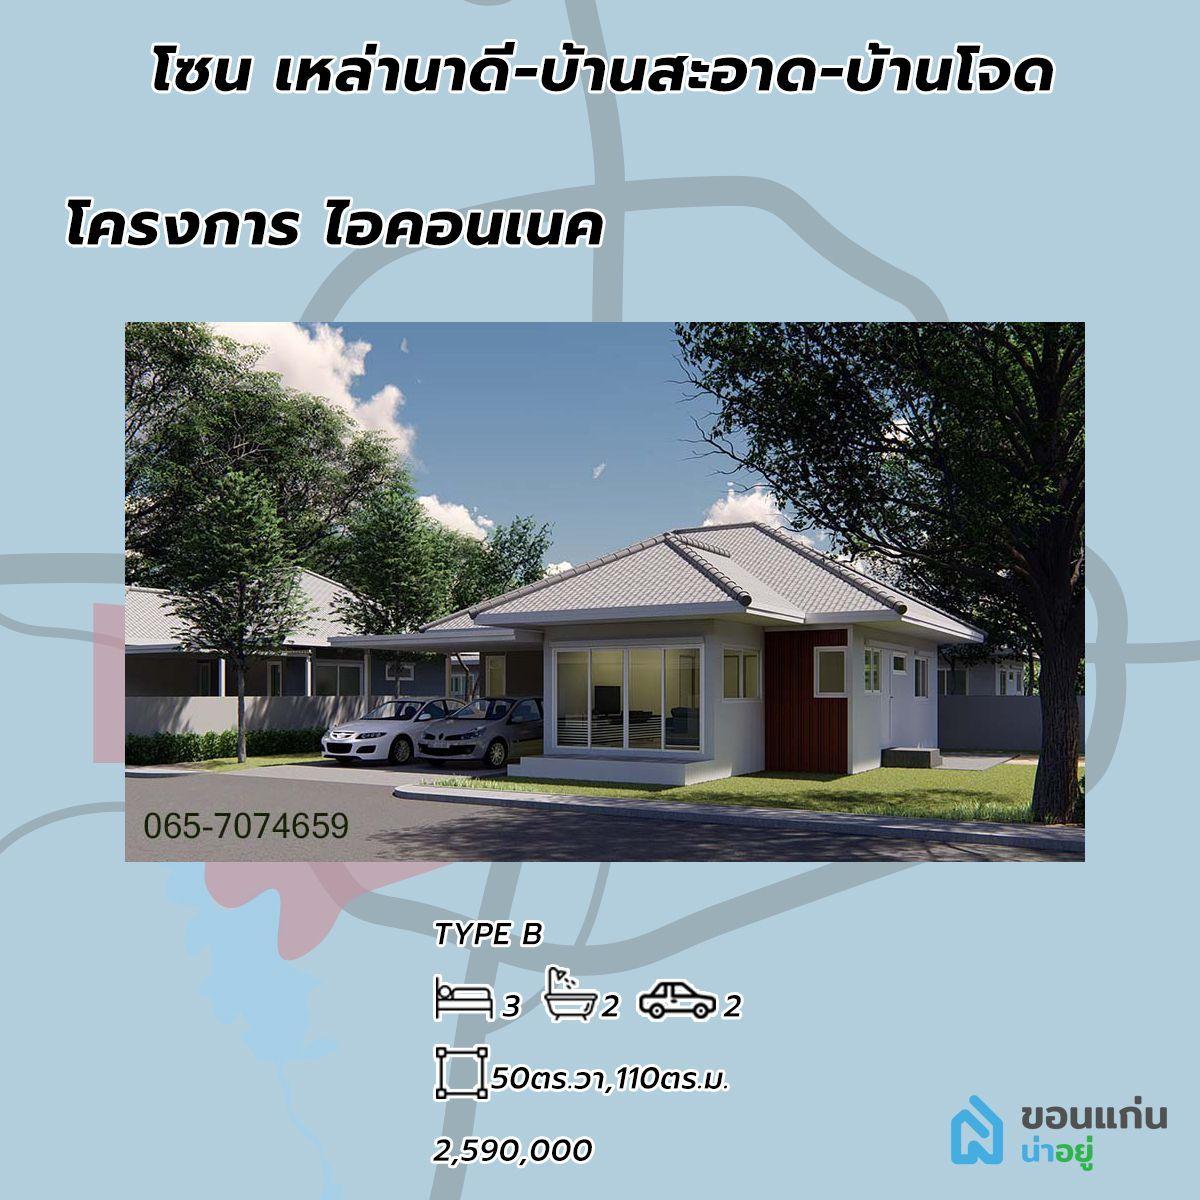 บ้านเดี่ยว โครงการบ้าน โครงการจัดสรร โครงการ ไอคอนเนค